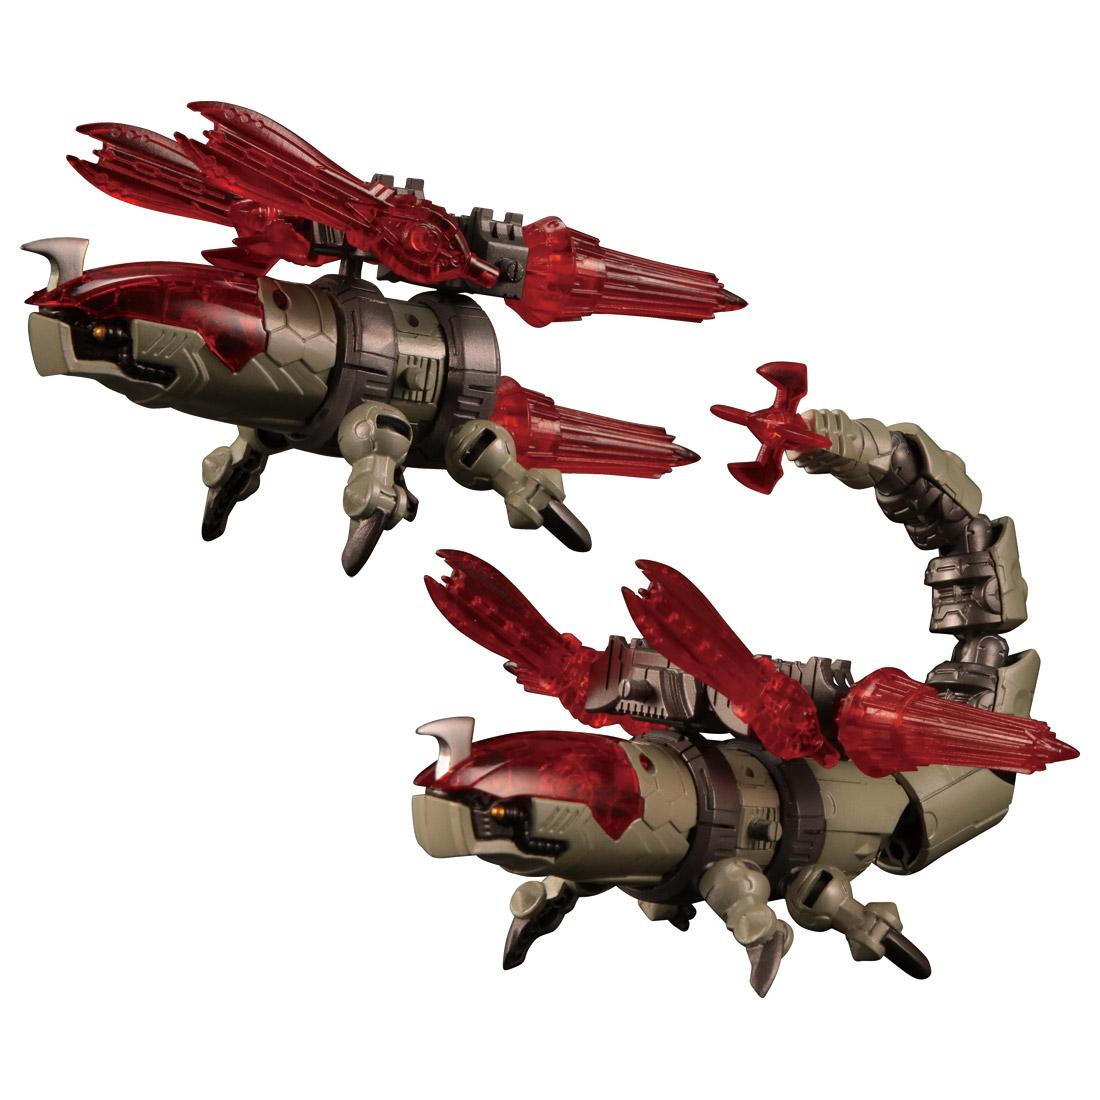 ダイアクロン『DA-31 ワルダレイダー ラプトヘッド』可動フィギュア-002